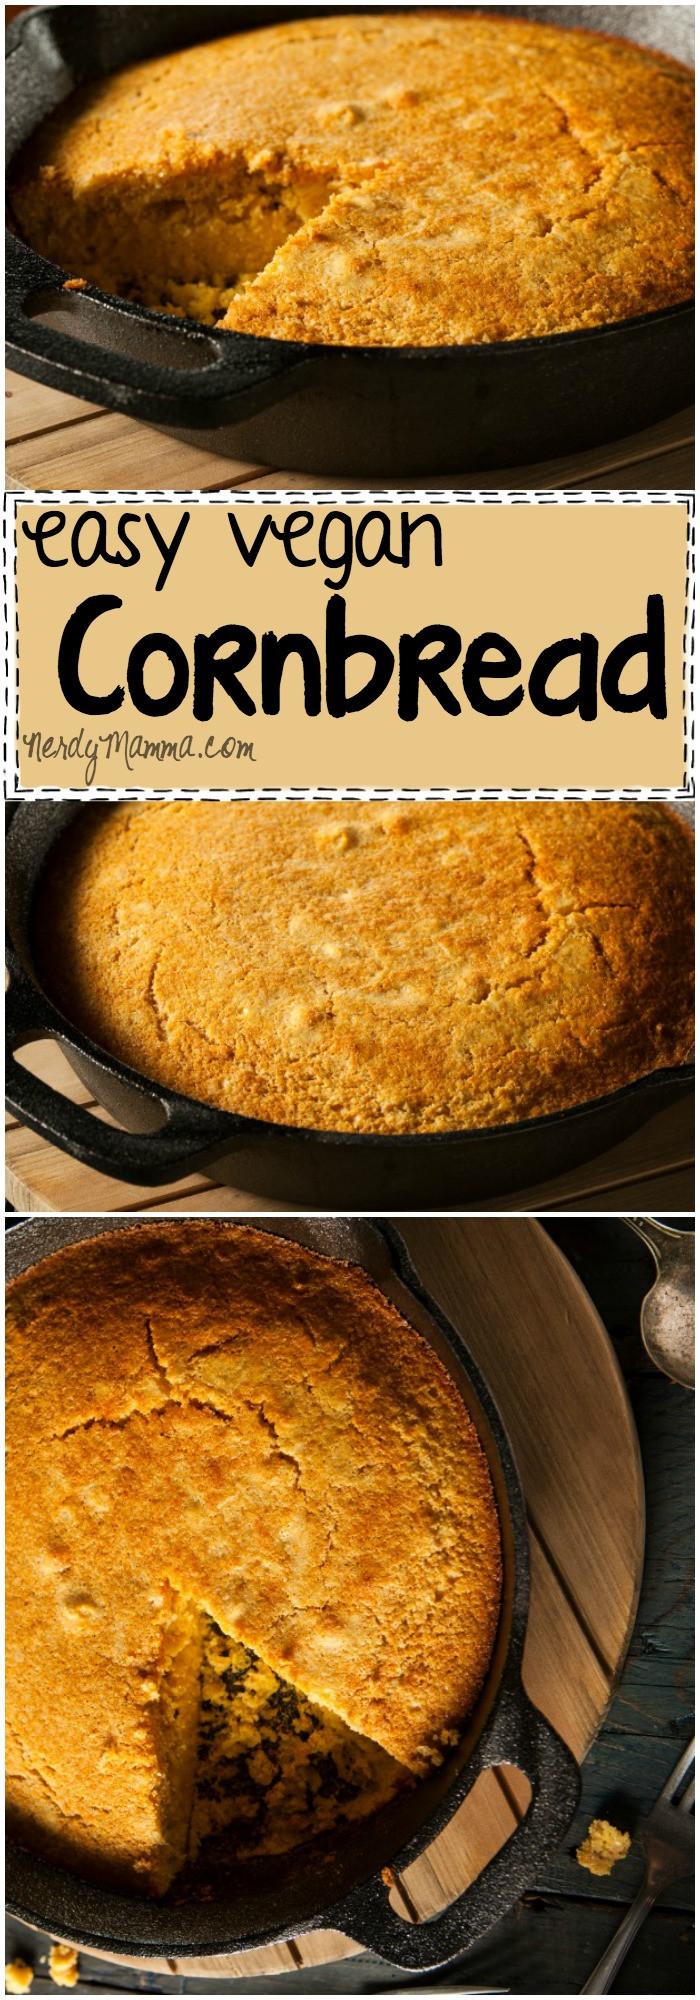 Vegan Cornbread Recipe  Vegan Cornbread